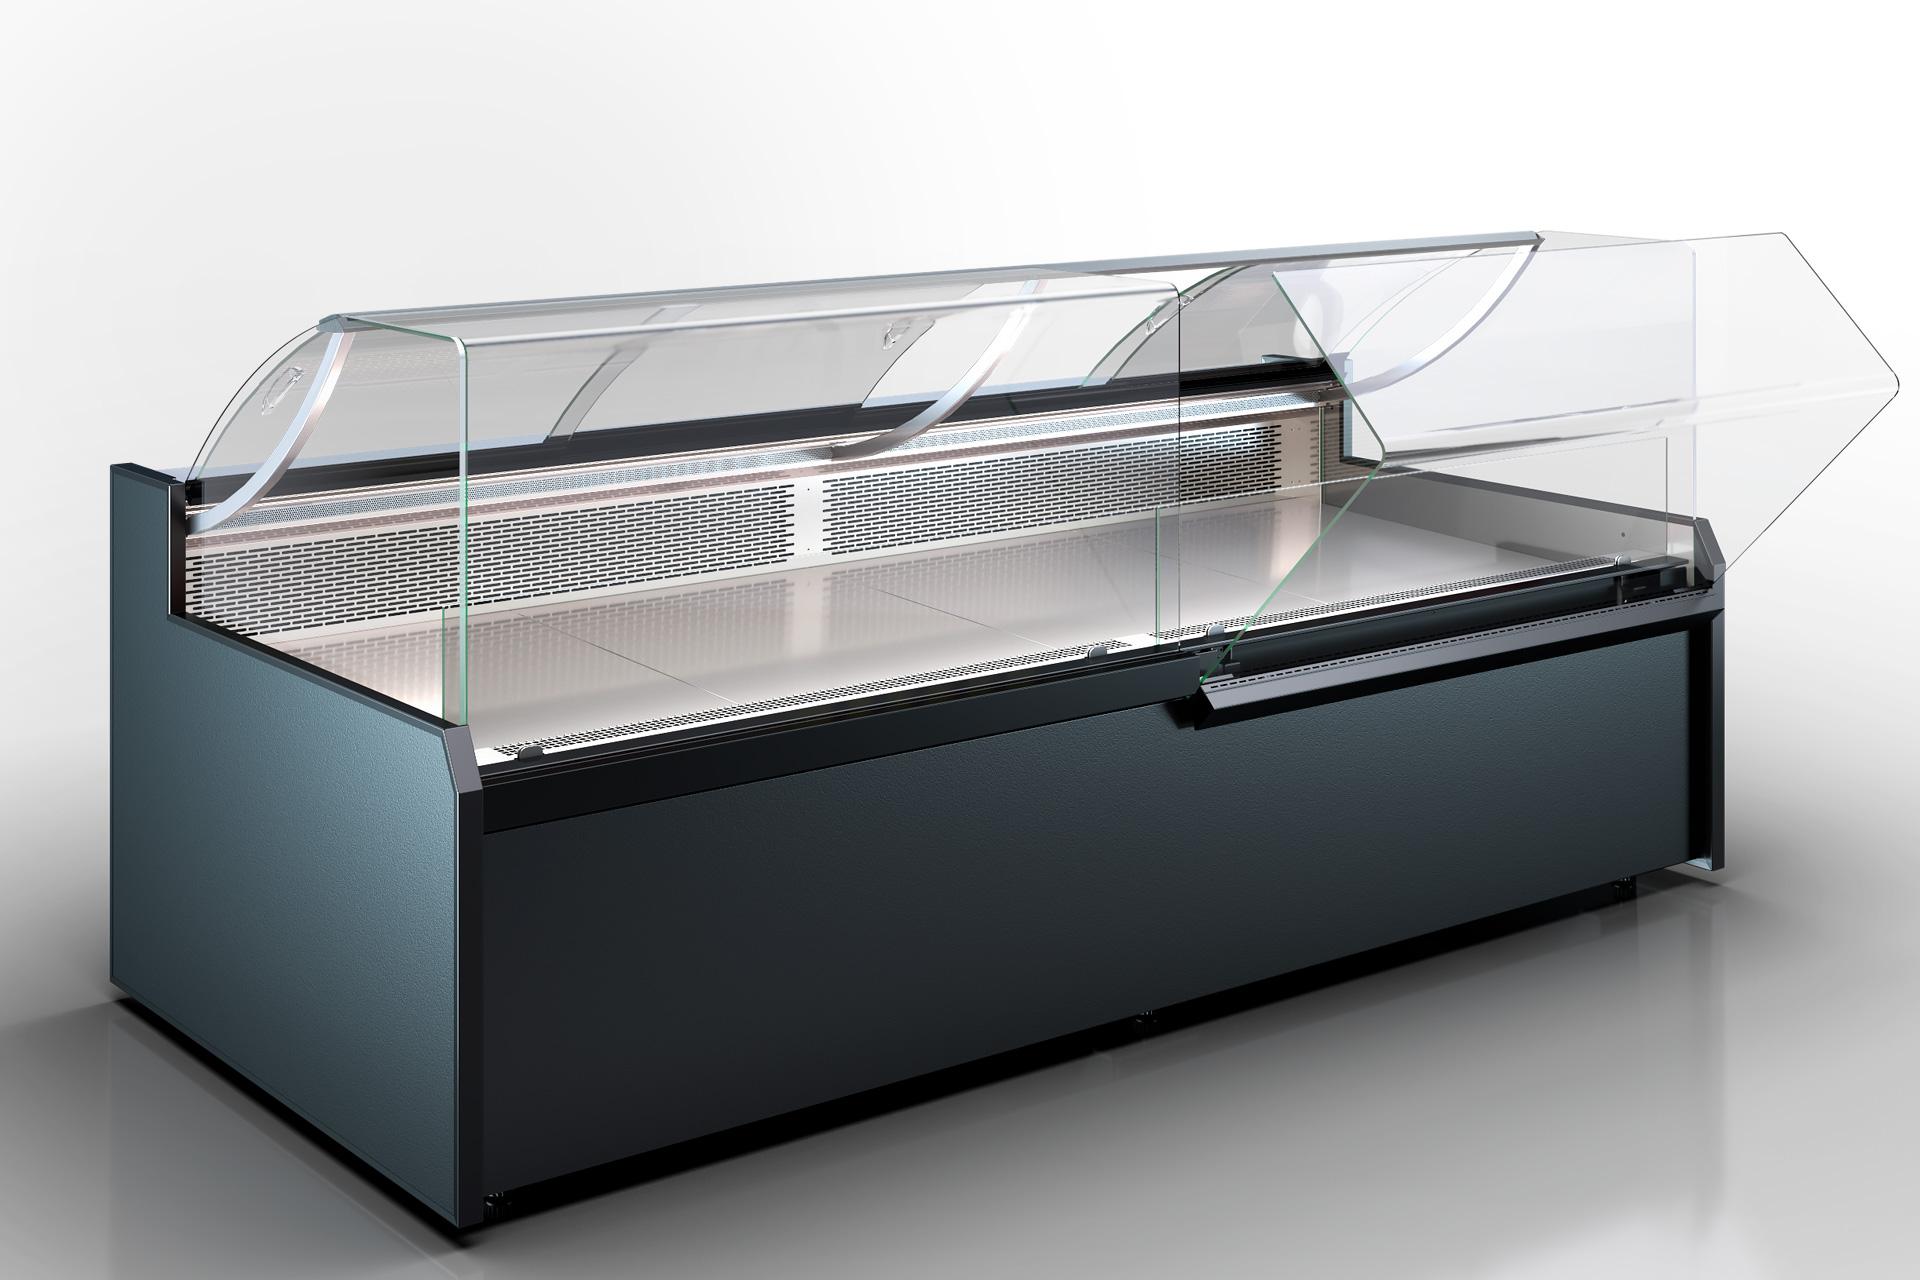 Холодильная витрина Missouri MC 120 deli OS 120-DBM (option)